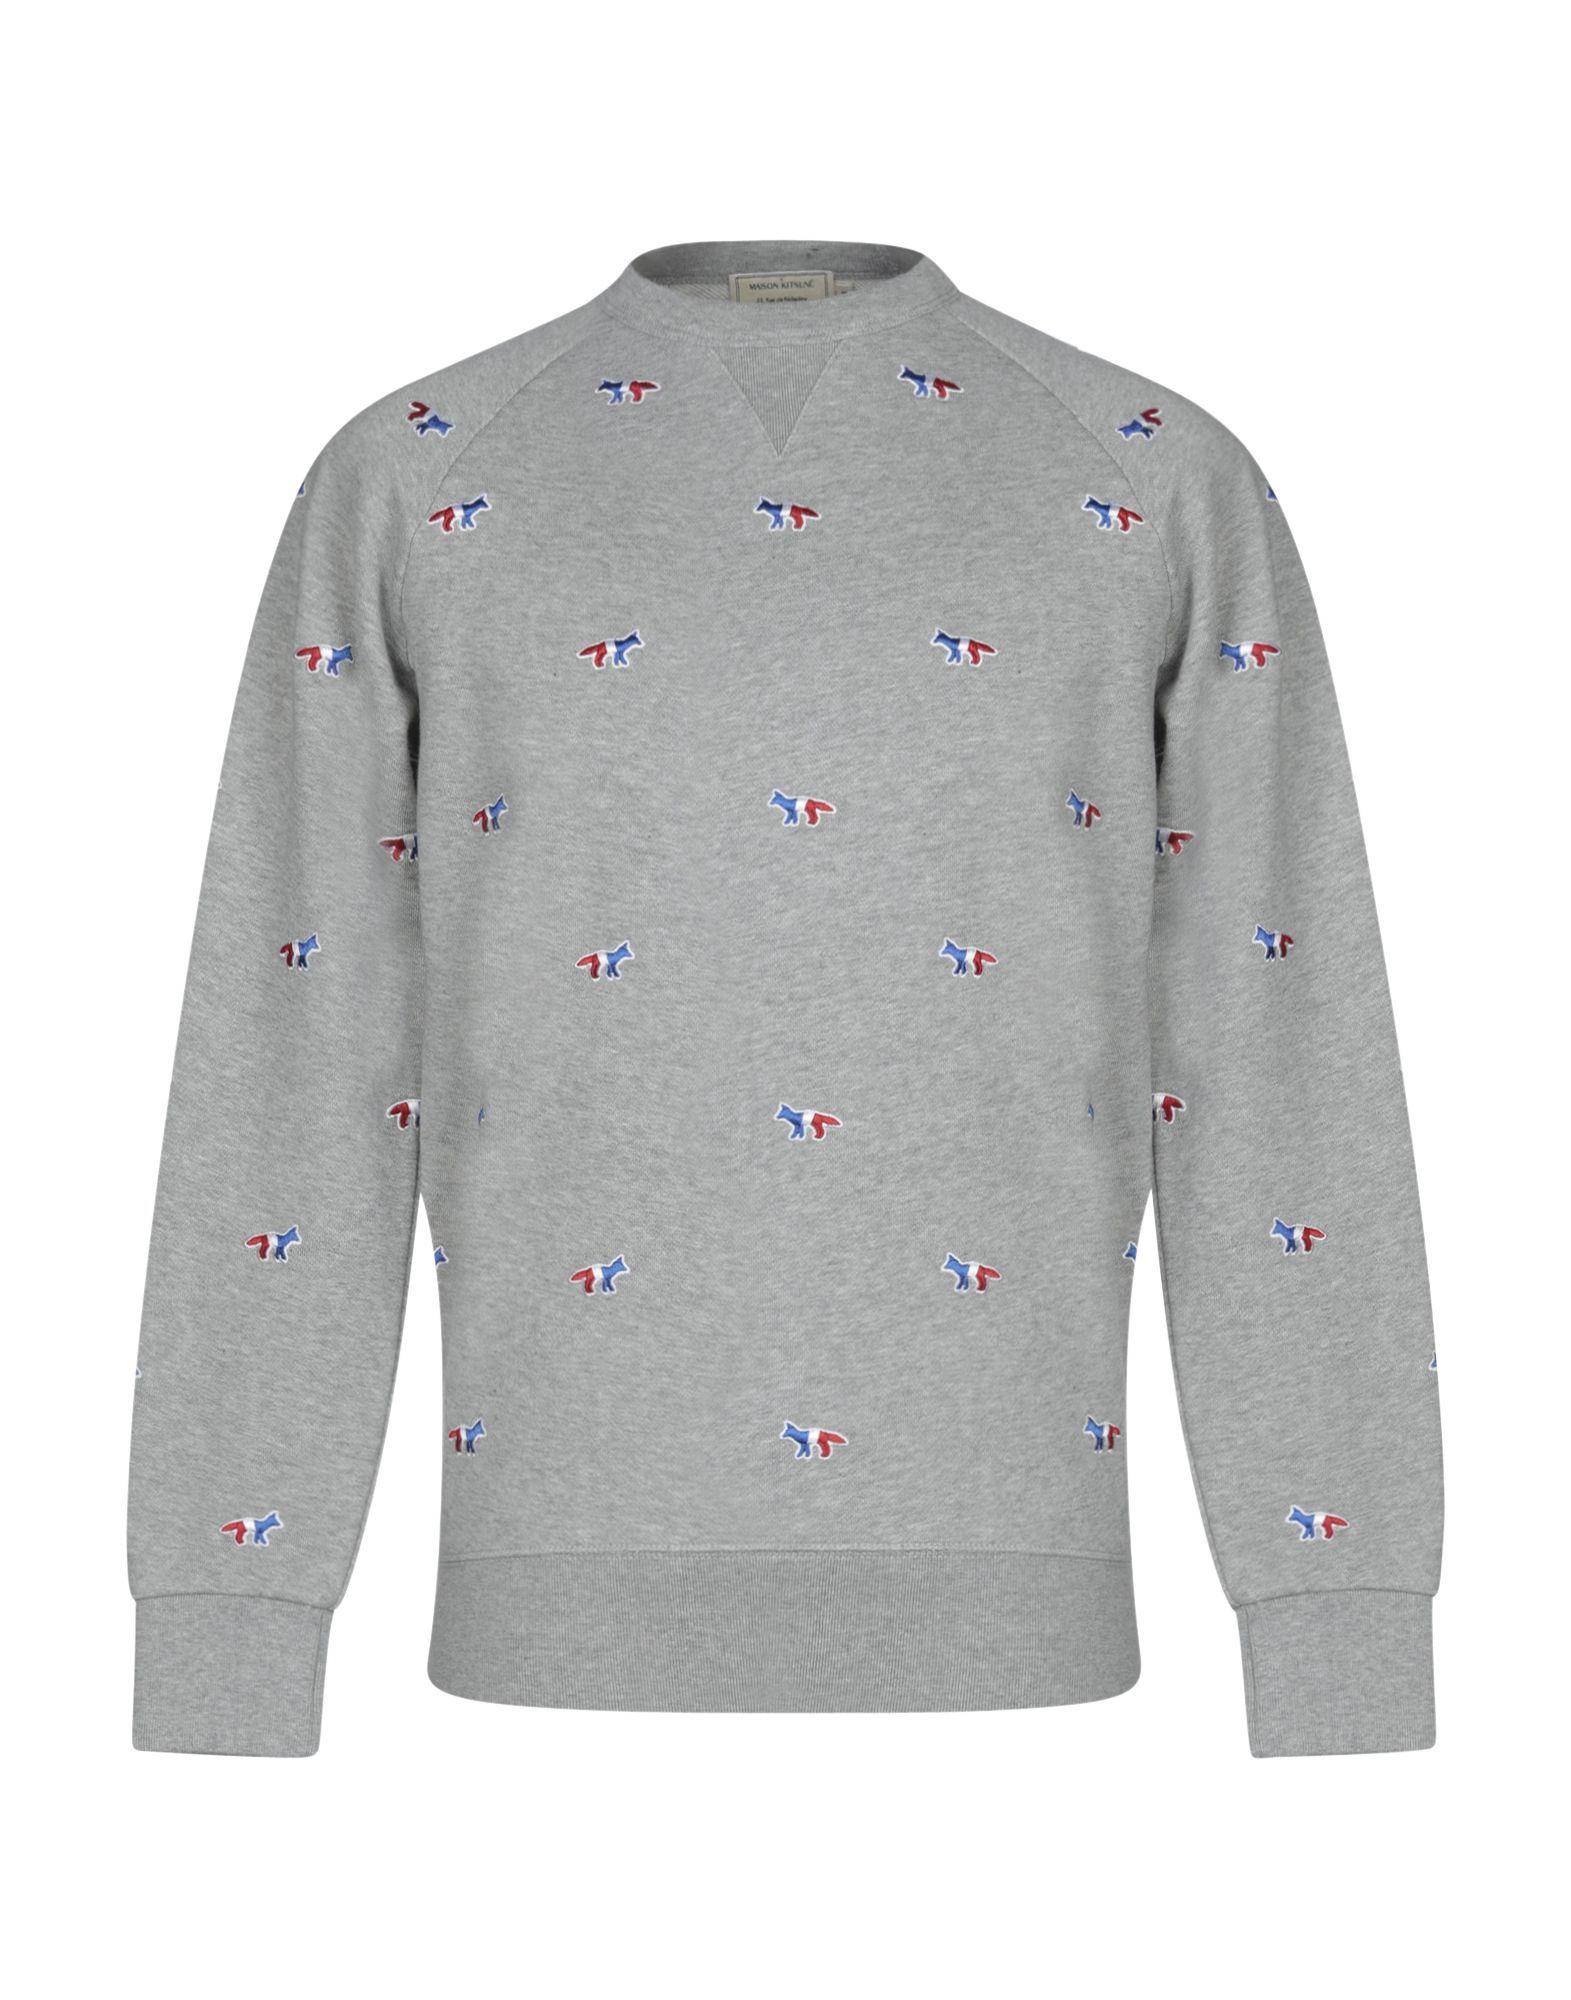 Maison Kitsune Sweatshirts Maisonkitsune Cloth Sweatshirts Maison Kitsune Embroidered Sweatshirts [ 2000 x 1571 Pixel ]